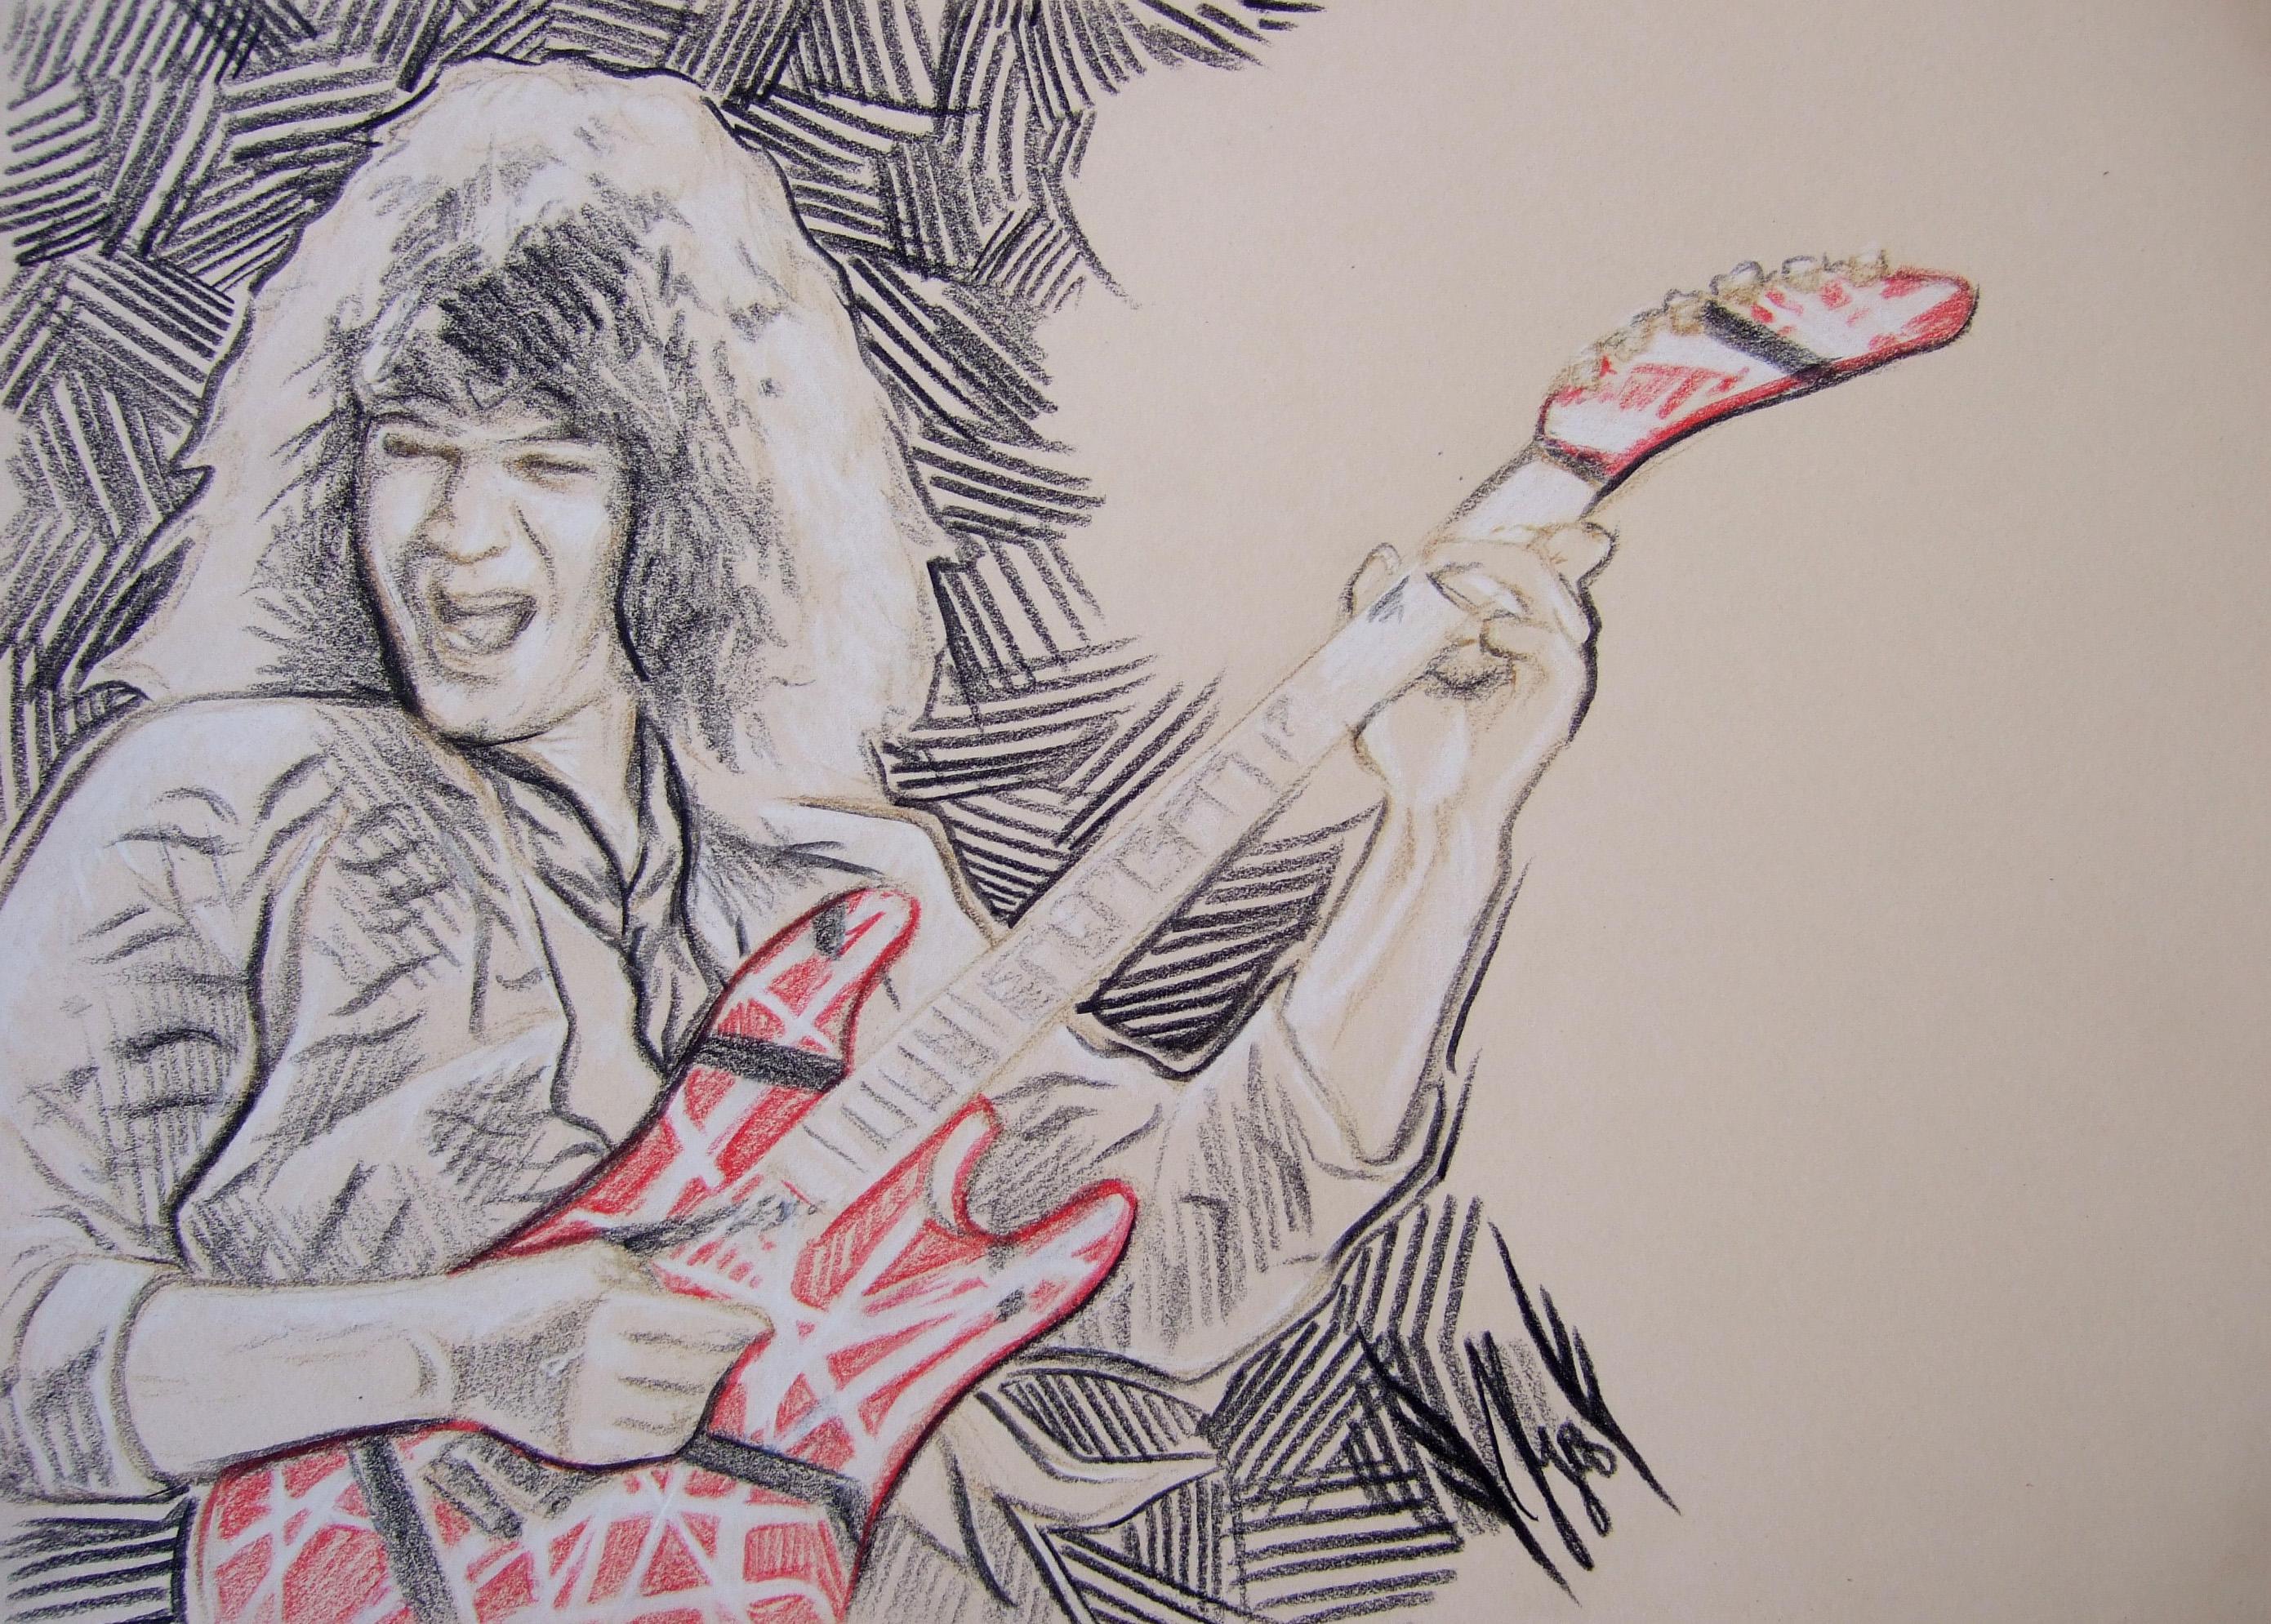 Van Halen Heavy Metal Hard Rock Bands Guitar Wallpaper 2781x1989 74175 Wallpaperup